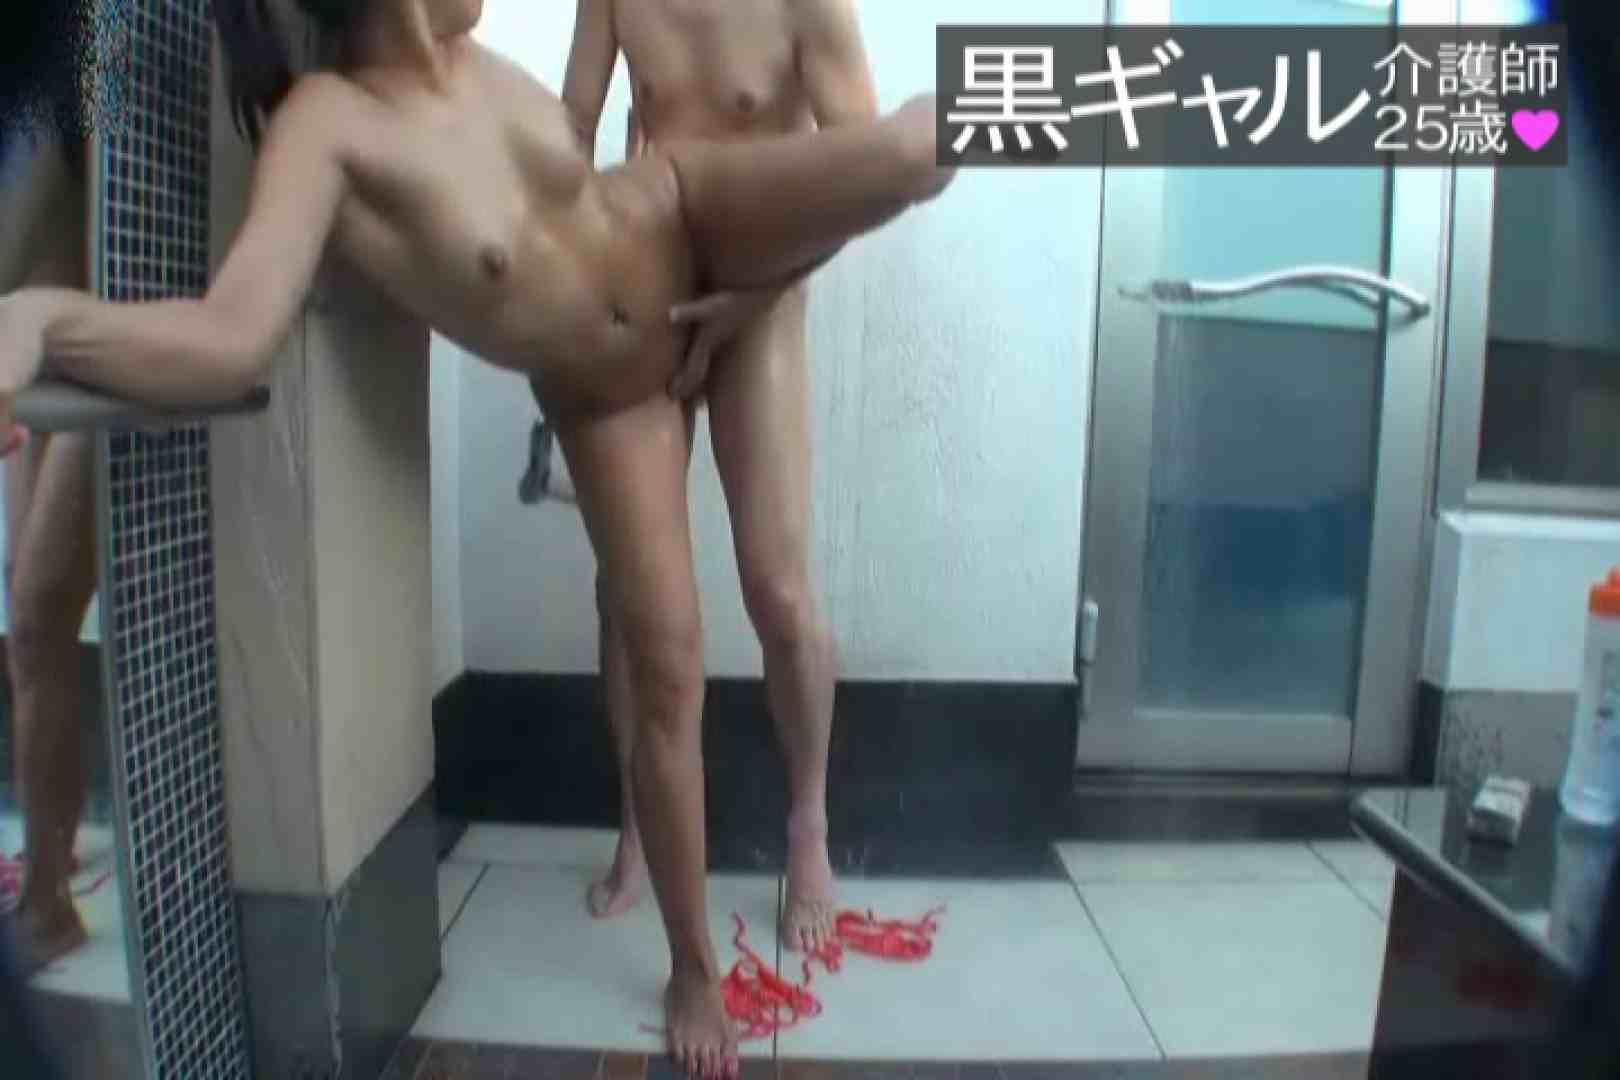 独占入手 従順M黒ギャル介護師25歳vol.6 SEX映像 アダルト動画キャプチャ 78pic 12